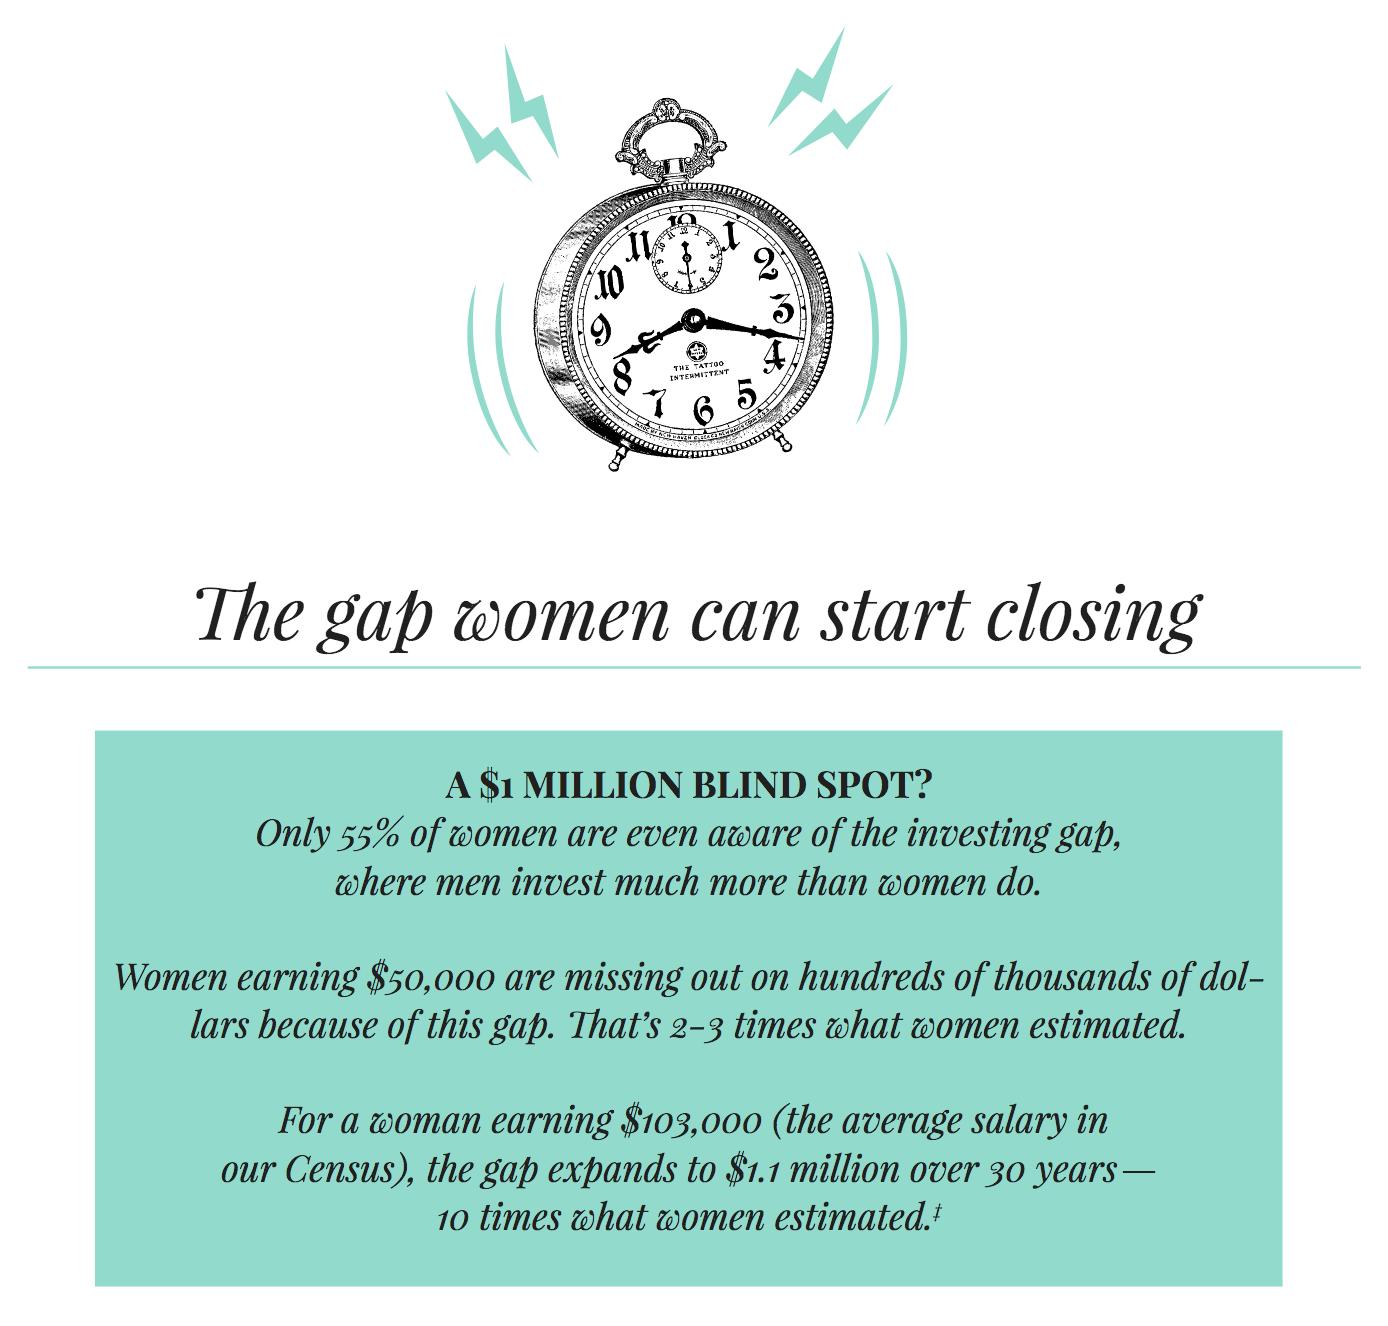 Ellevest ends the gender investing gap